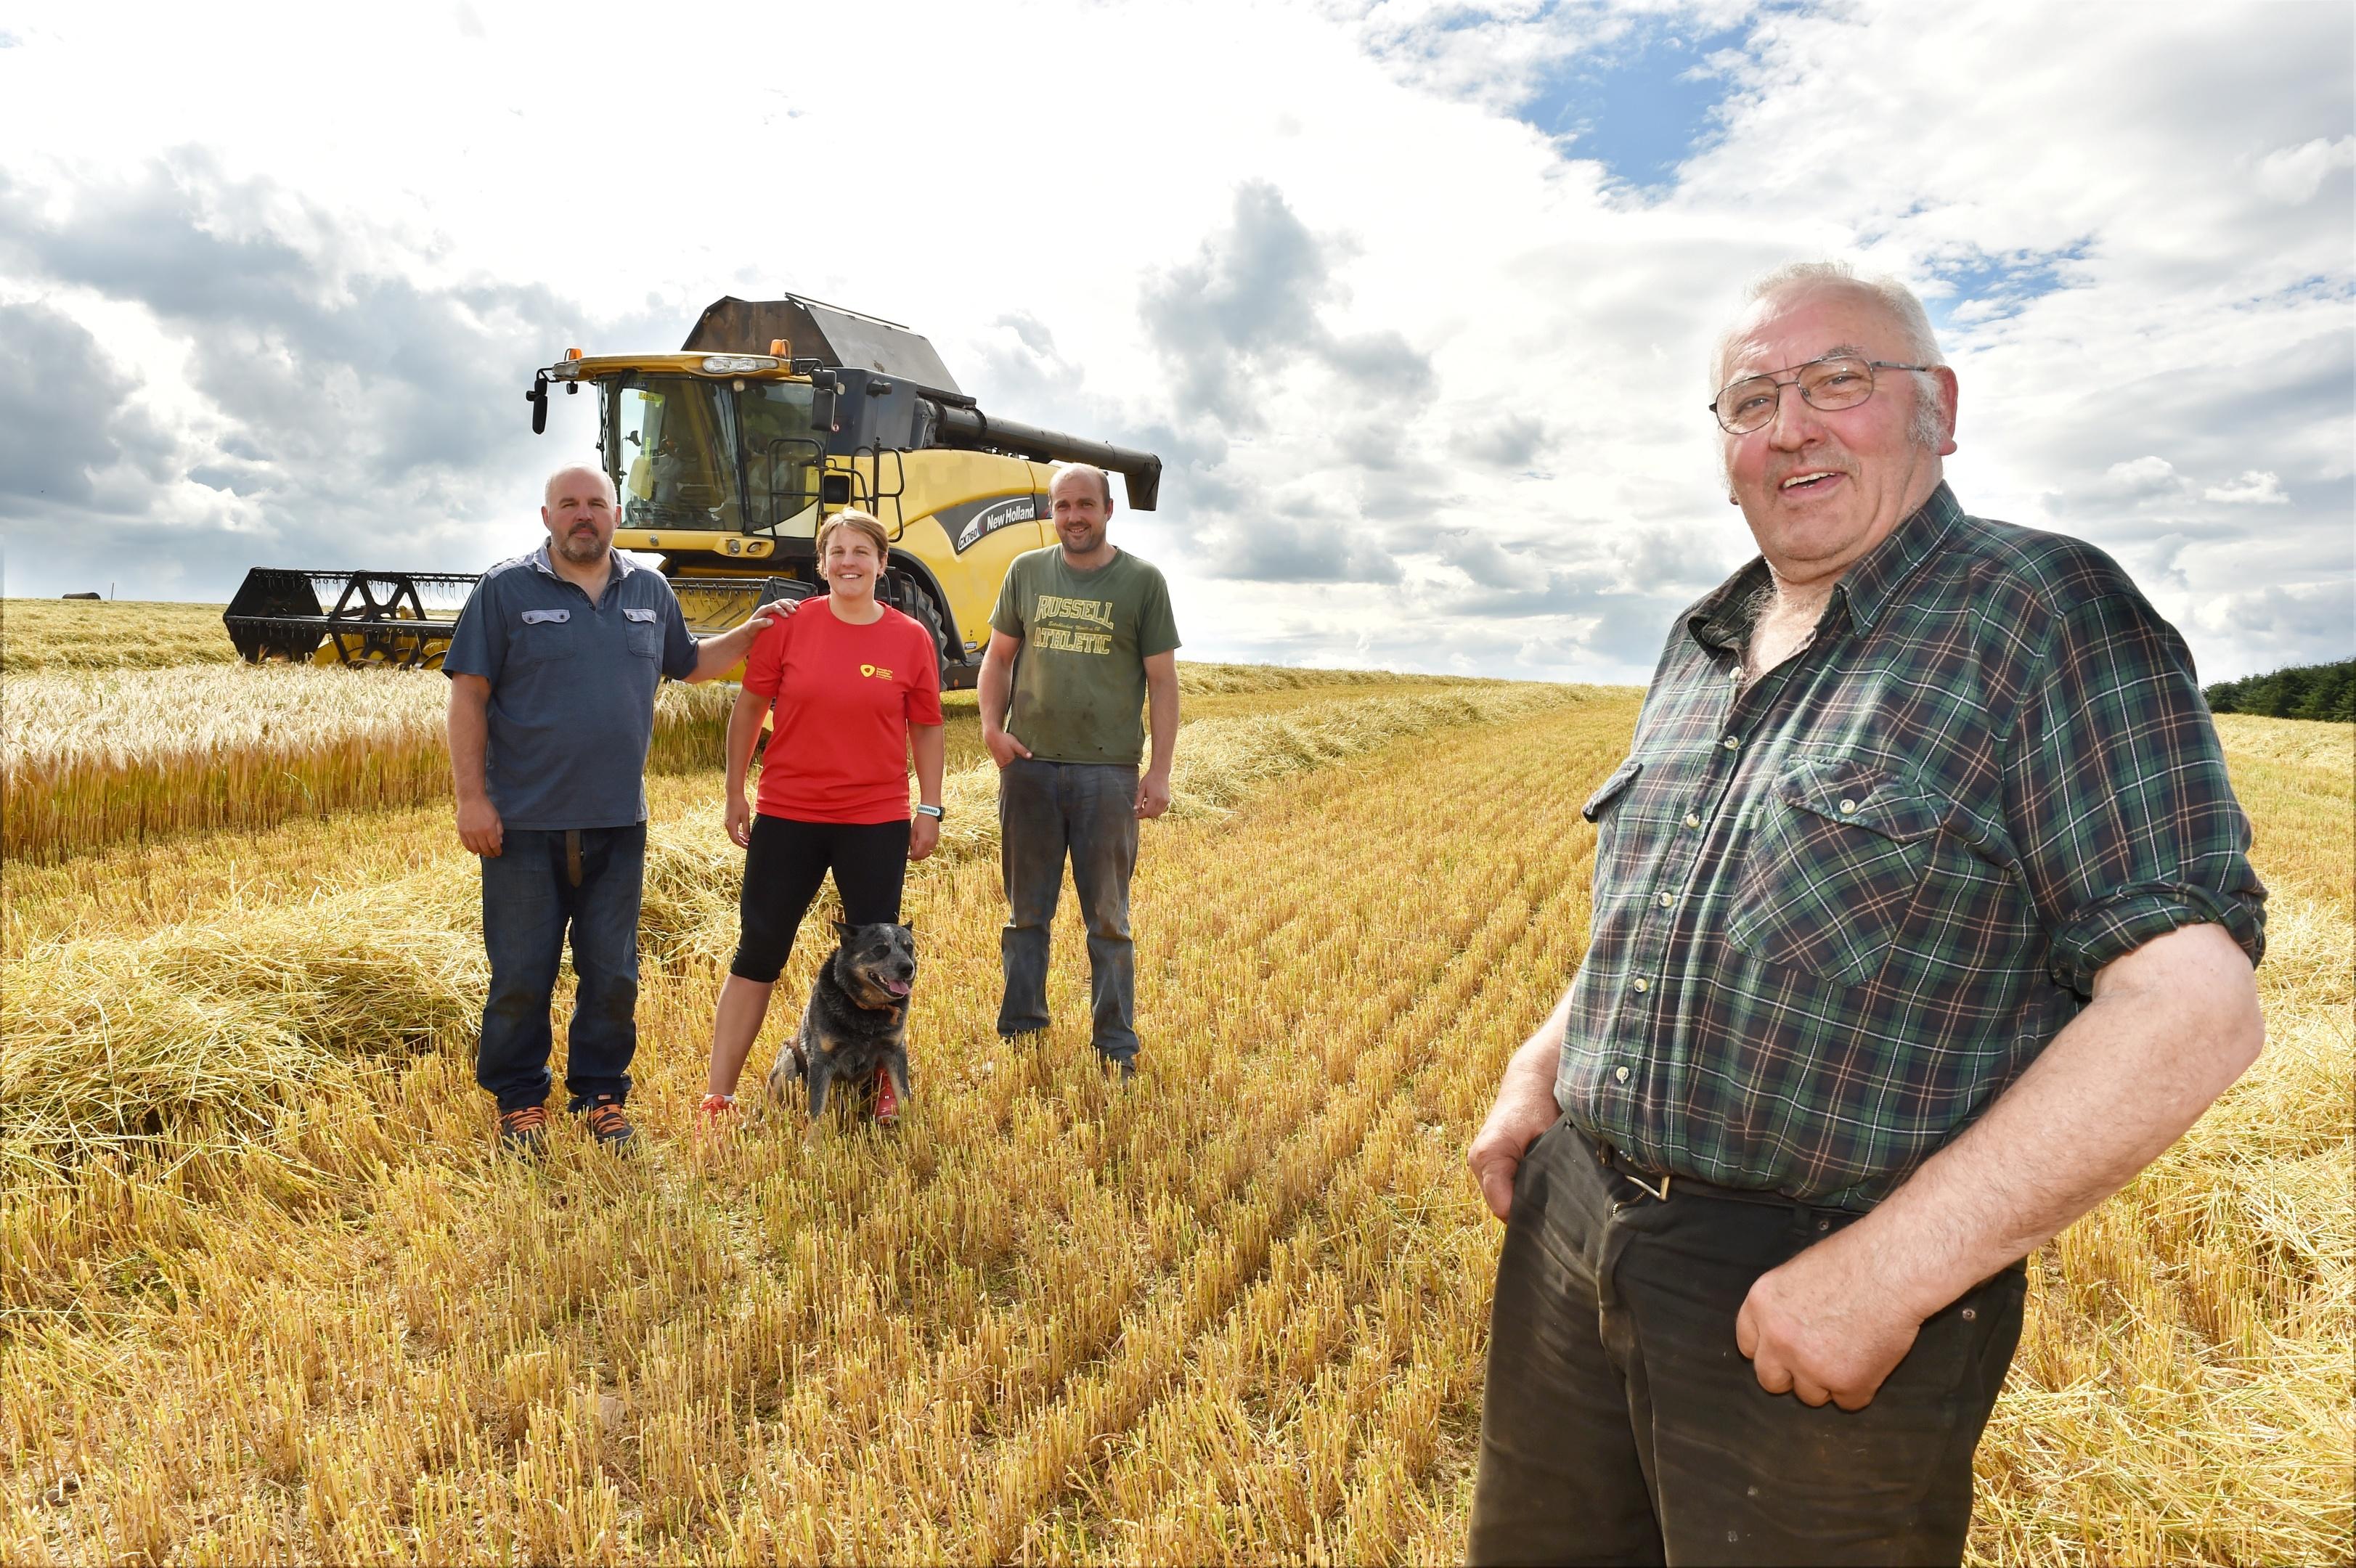 Harvesting of winter barley is expected to begin in earnest next week